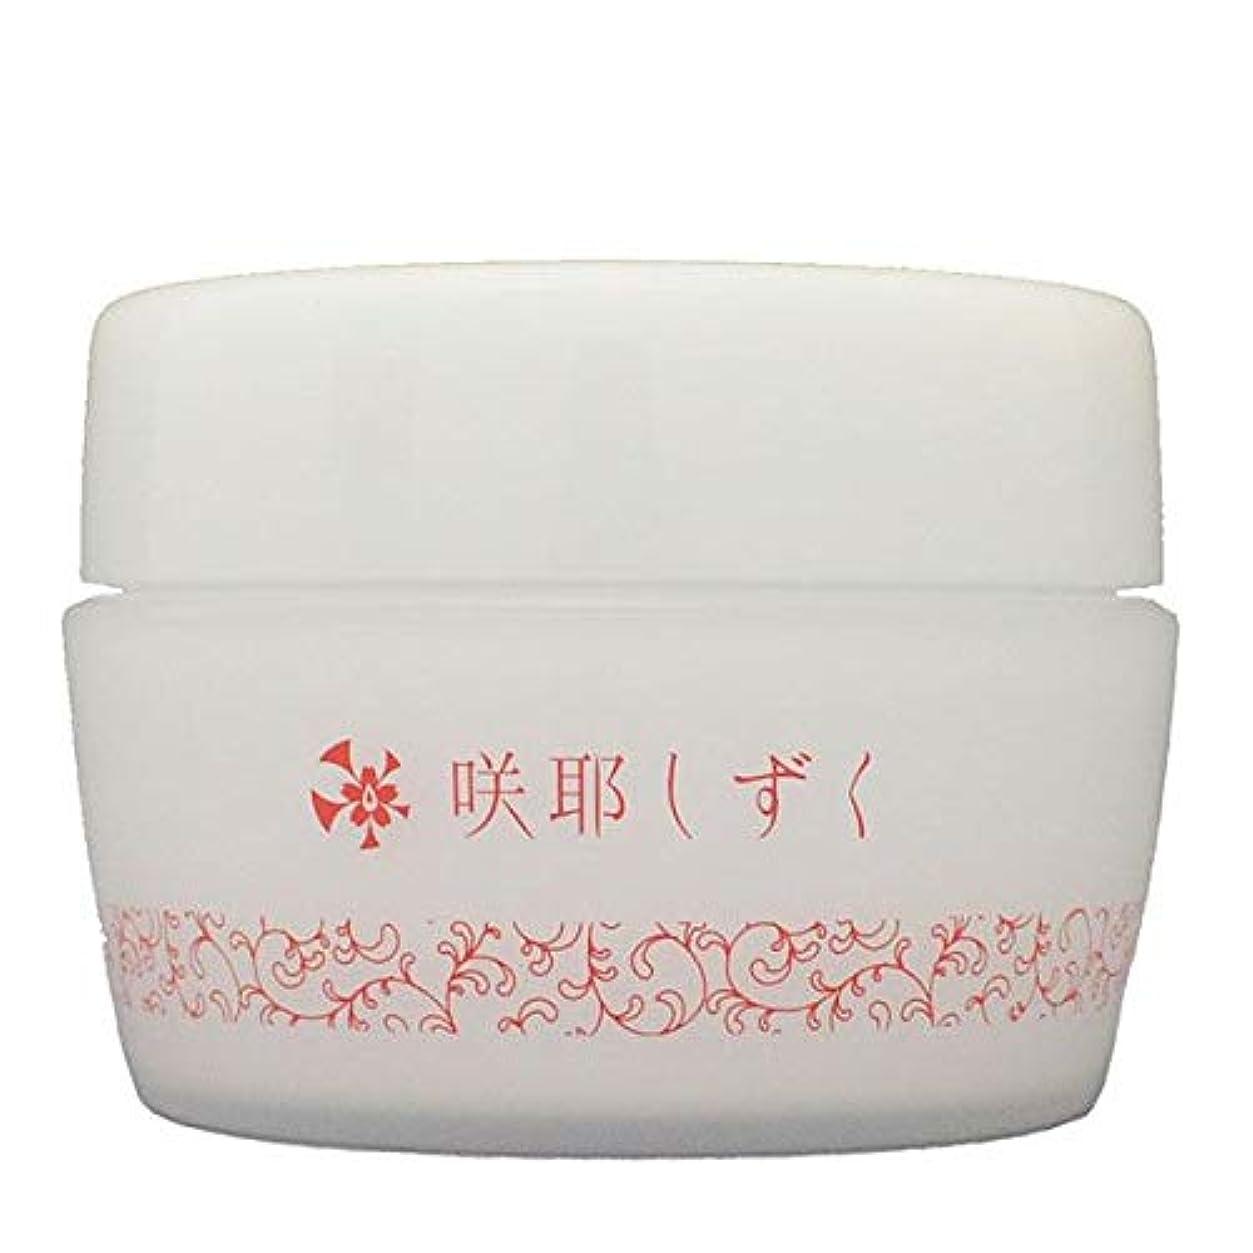 アクセス既婚飾り羽咲耶しずく クリーム 乾燥肌 さくやしずく 敏感肌 エムズジャパン M's Japan ms-sge01